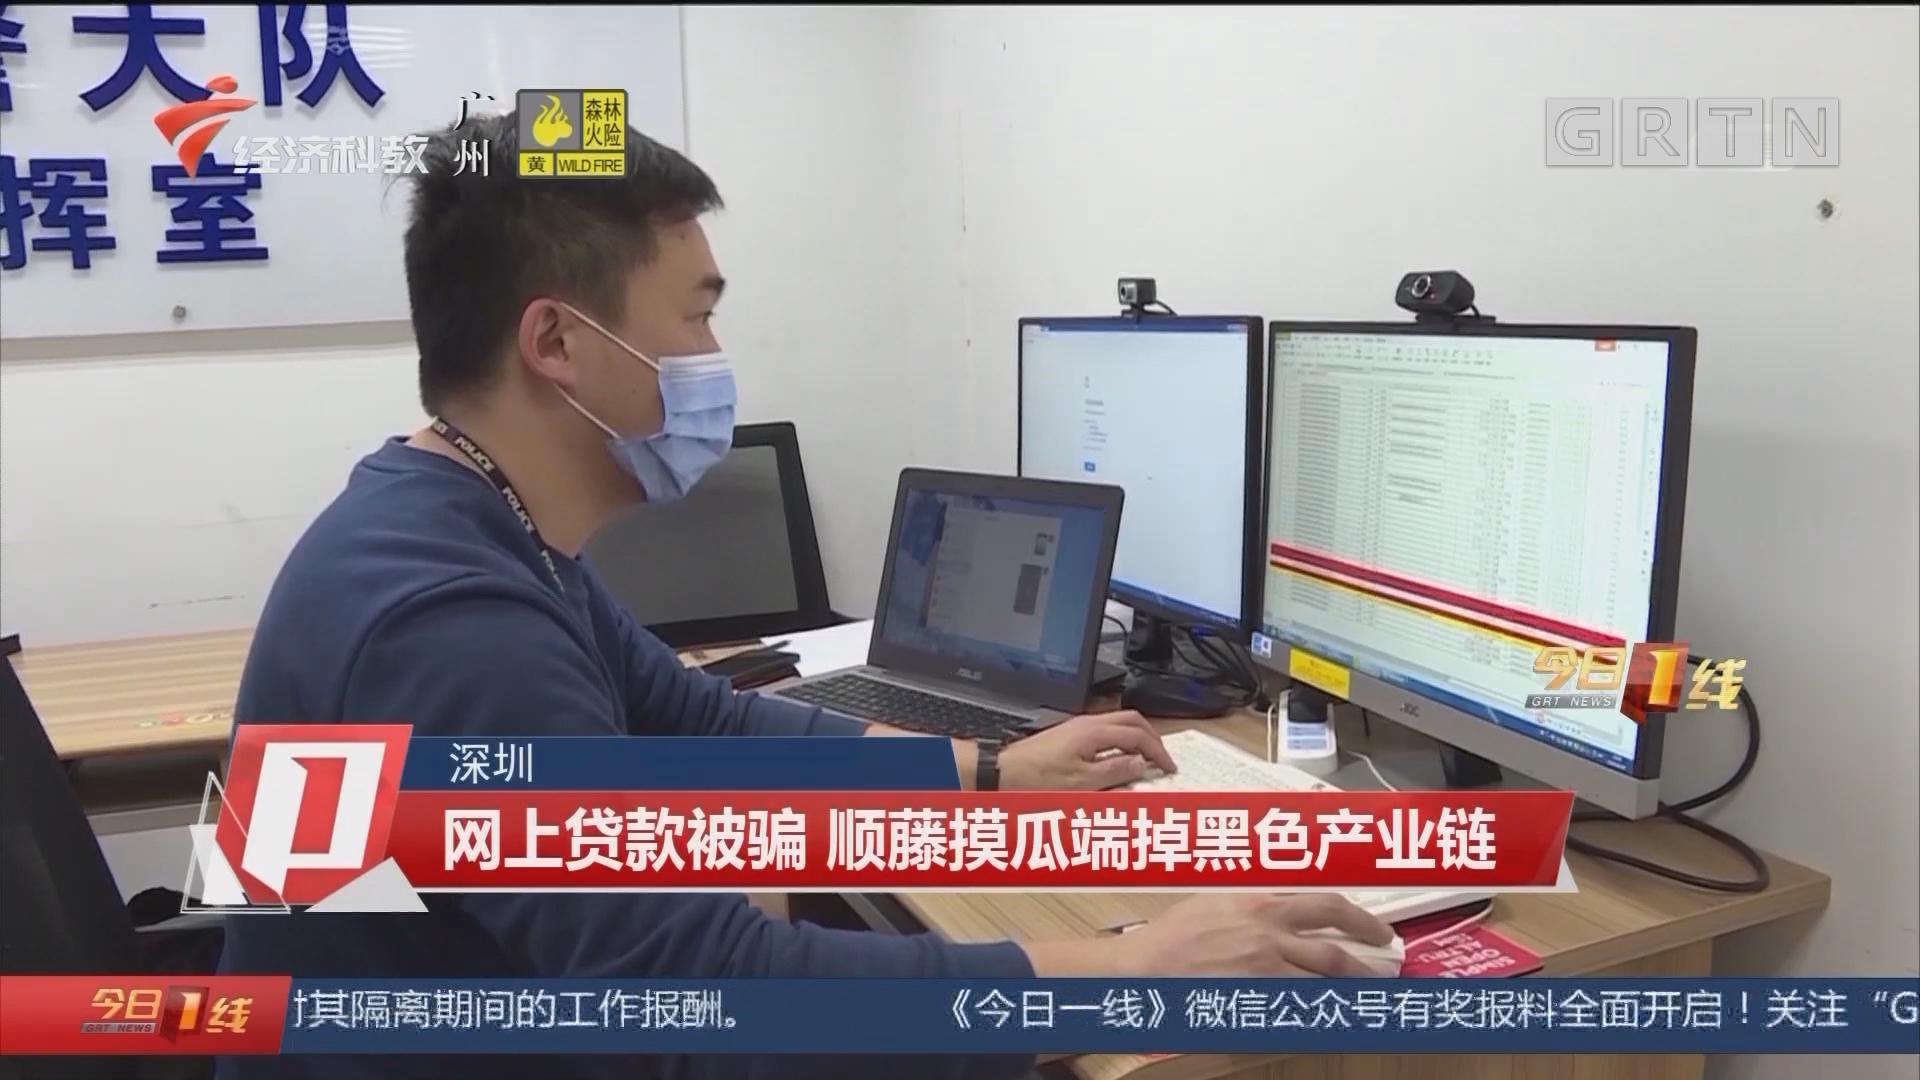 深圳:网上贷款被骗 顺藤摸瓜端掉黑色产业链